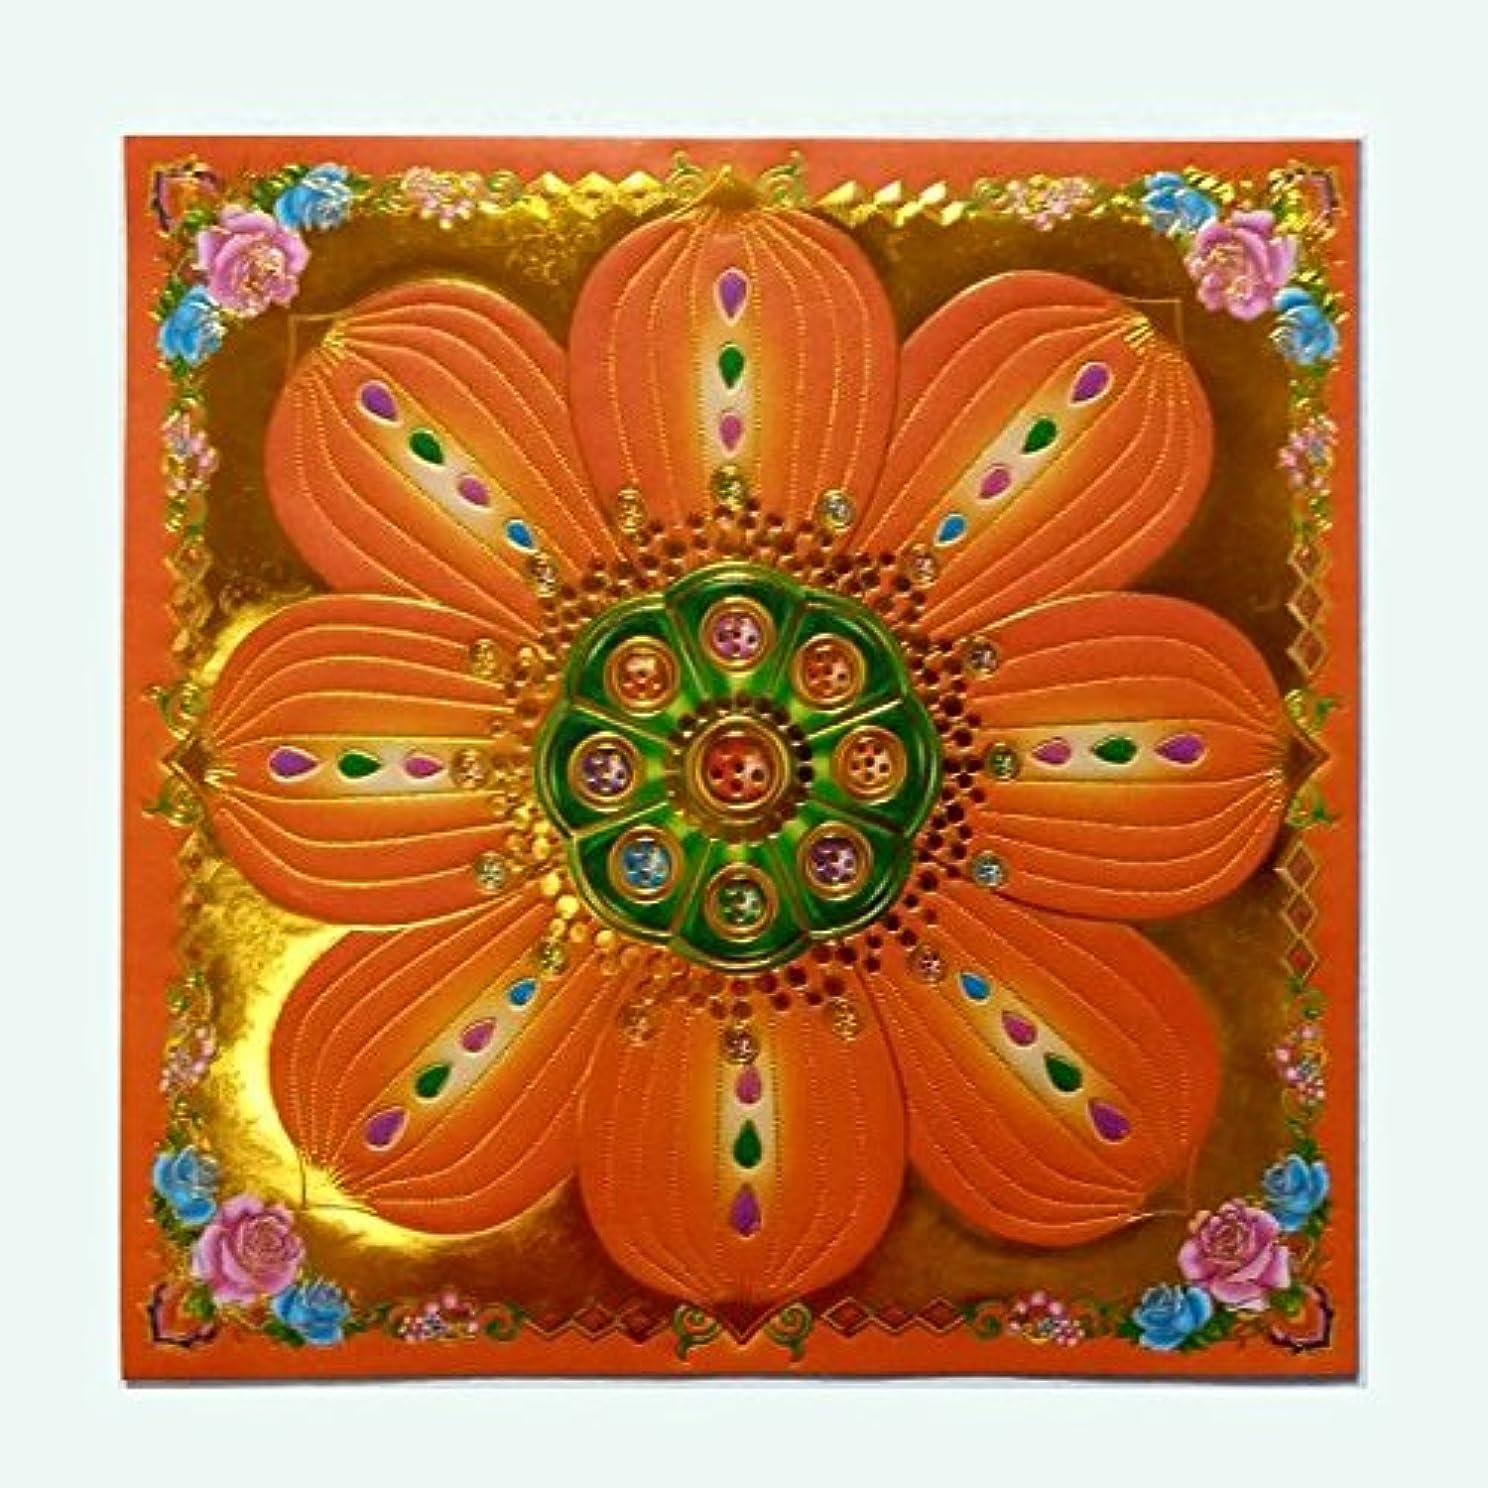 自分自身チャートむしろ40pcs Incense用紙/Joss用紙ハイグレードカラフルwithゴールドの箔Sサイズの祖先Praying 7.5インチx 7.5インチ(オレンジ)